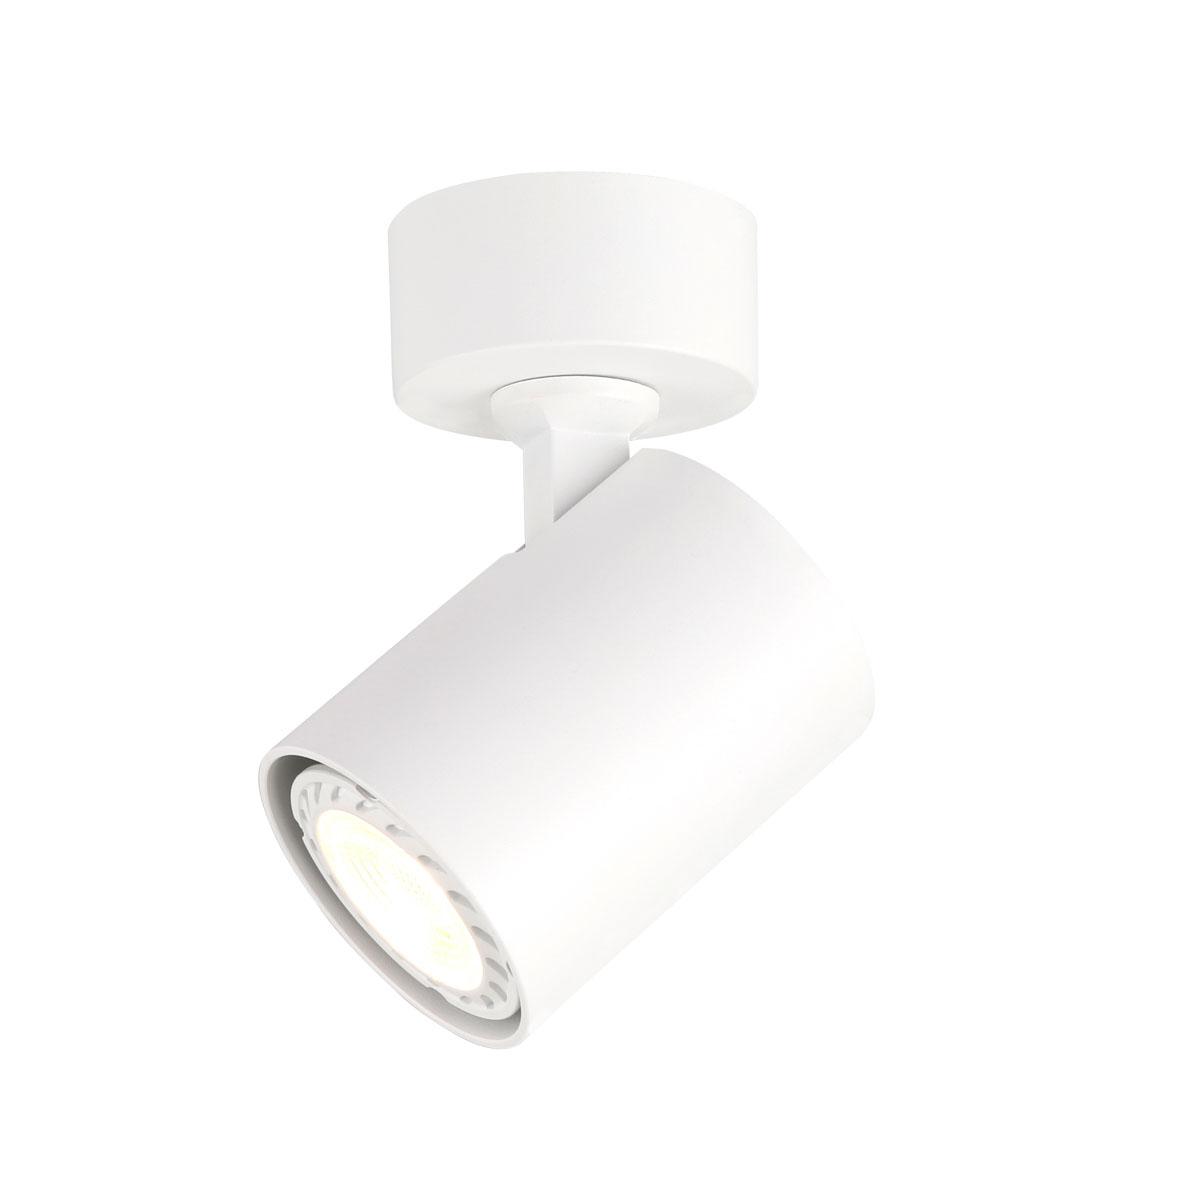 Спот лампа Lumsi с 1 тяло, бяла